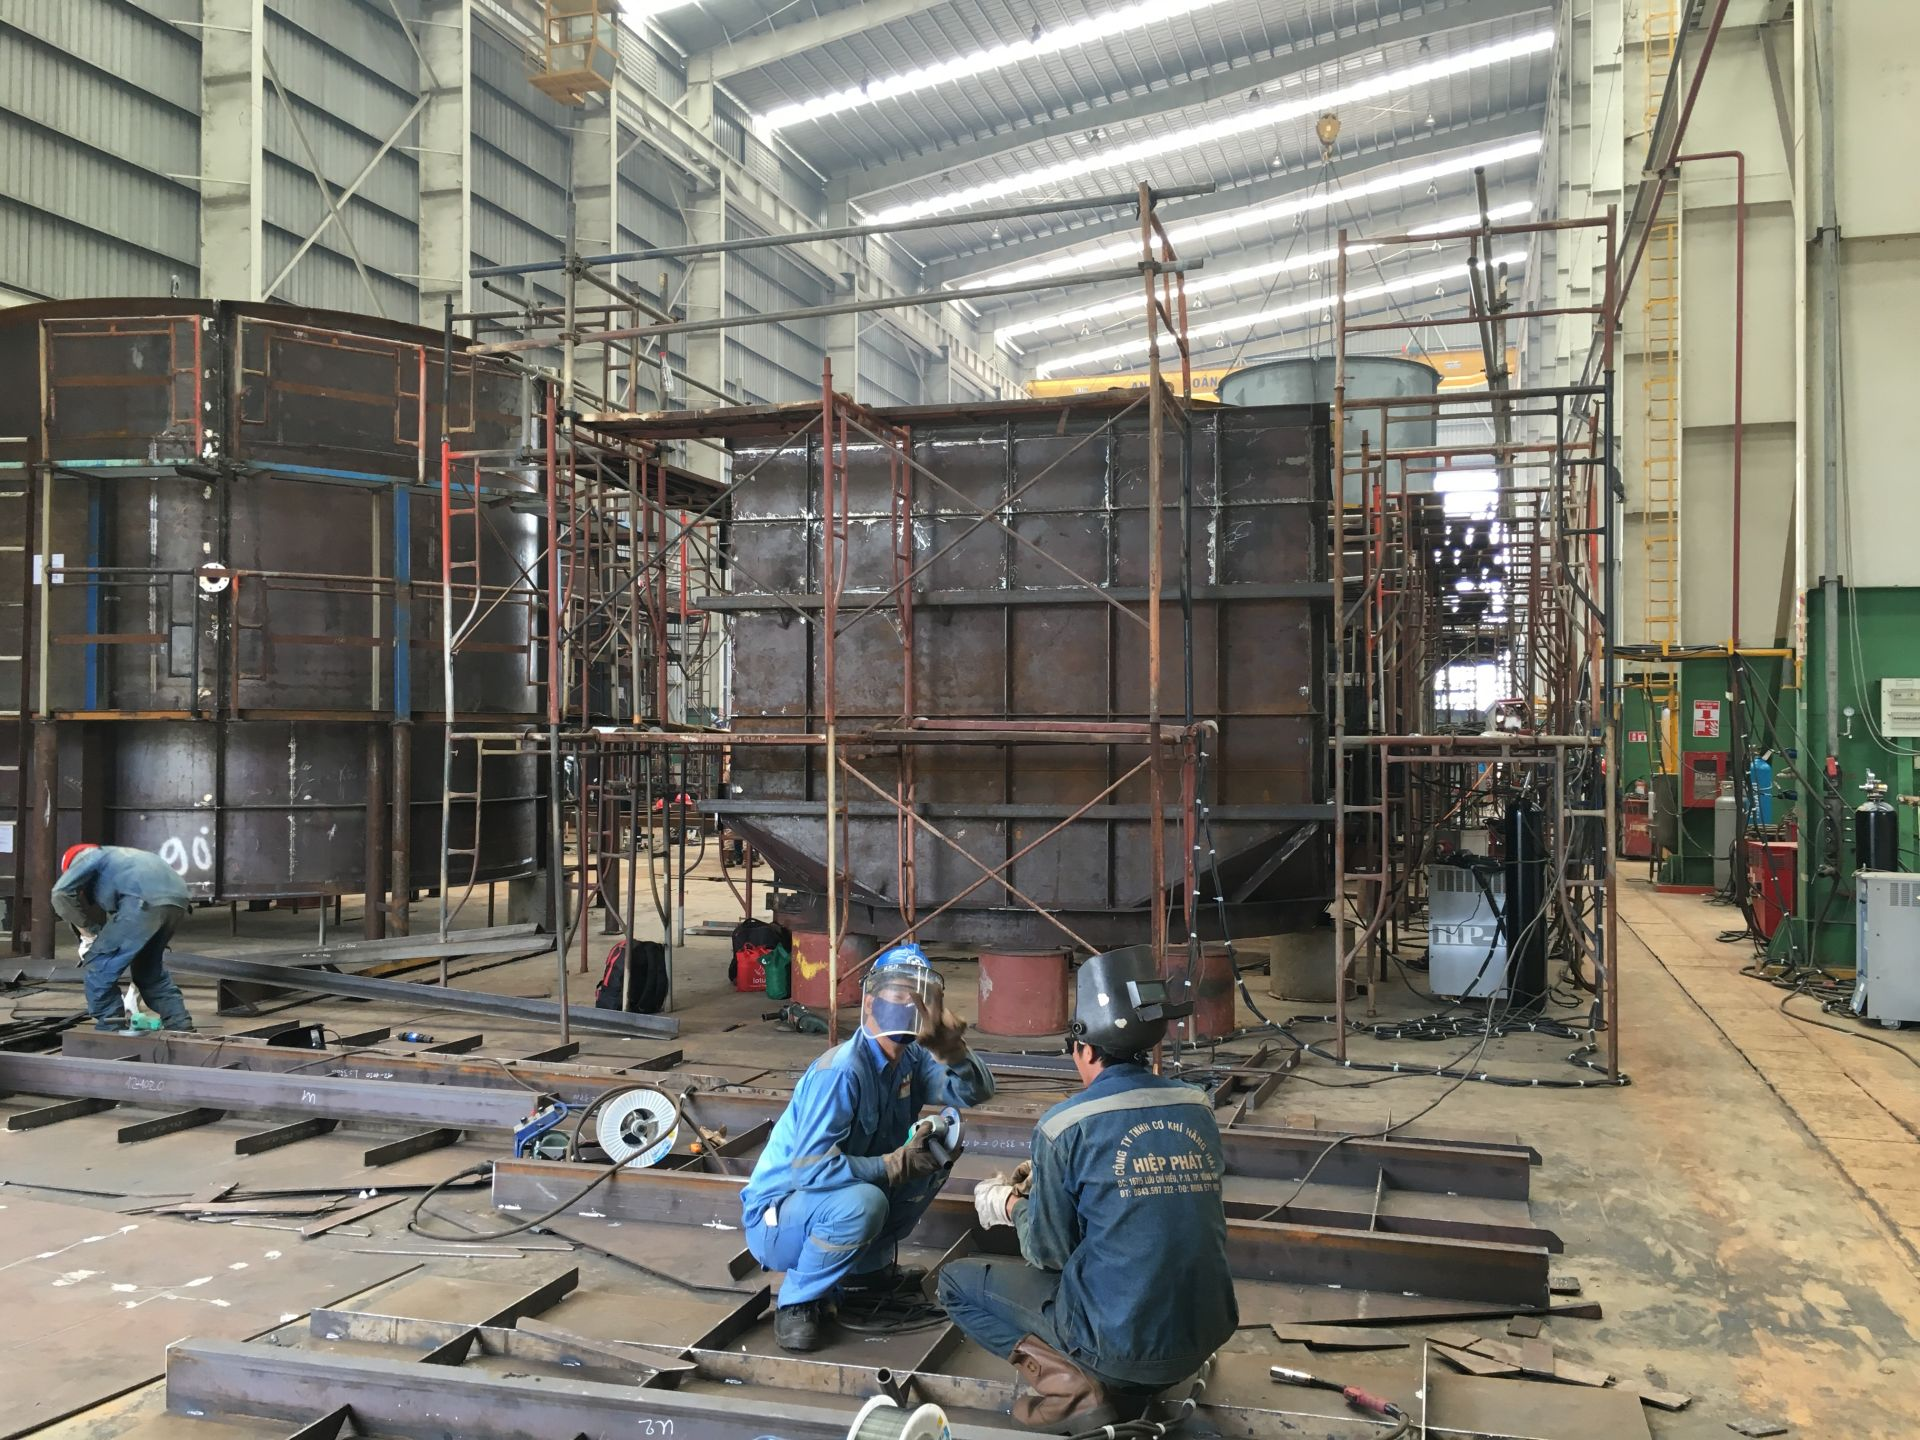 Thi công kết cấu thép nhà máy nhiệt điện Australia - Baltec